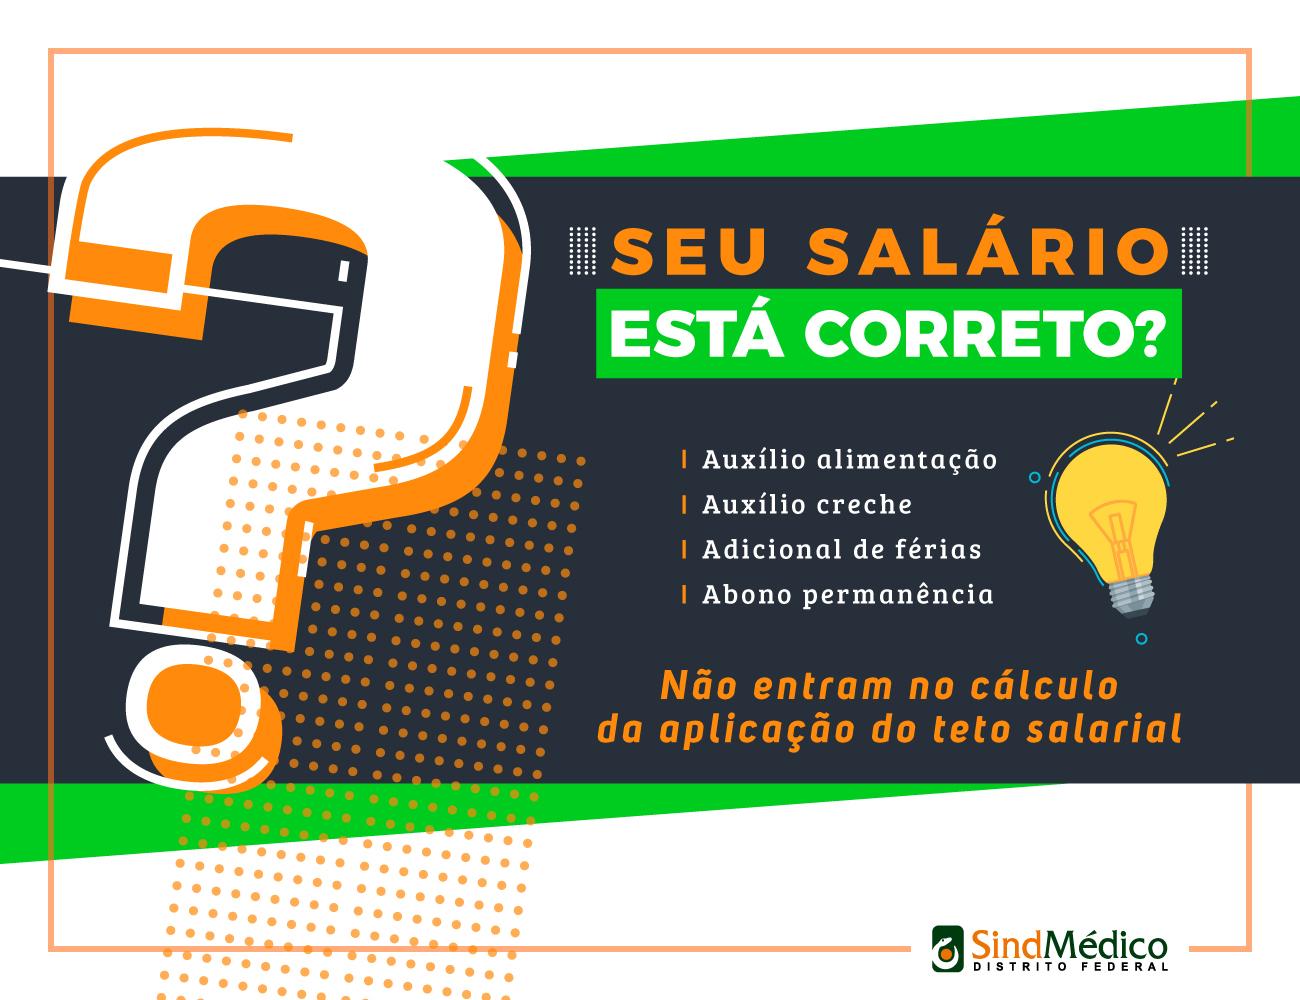 2019 07 04 Card Dúvida Salário Correto